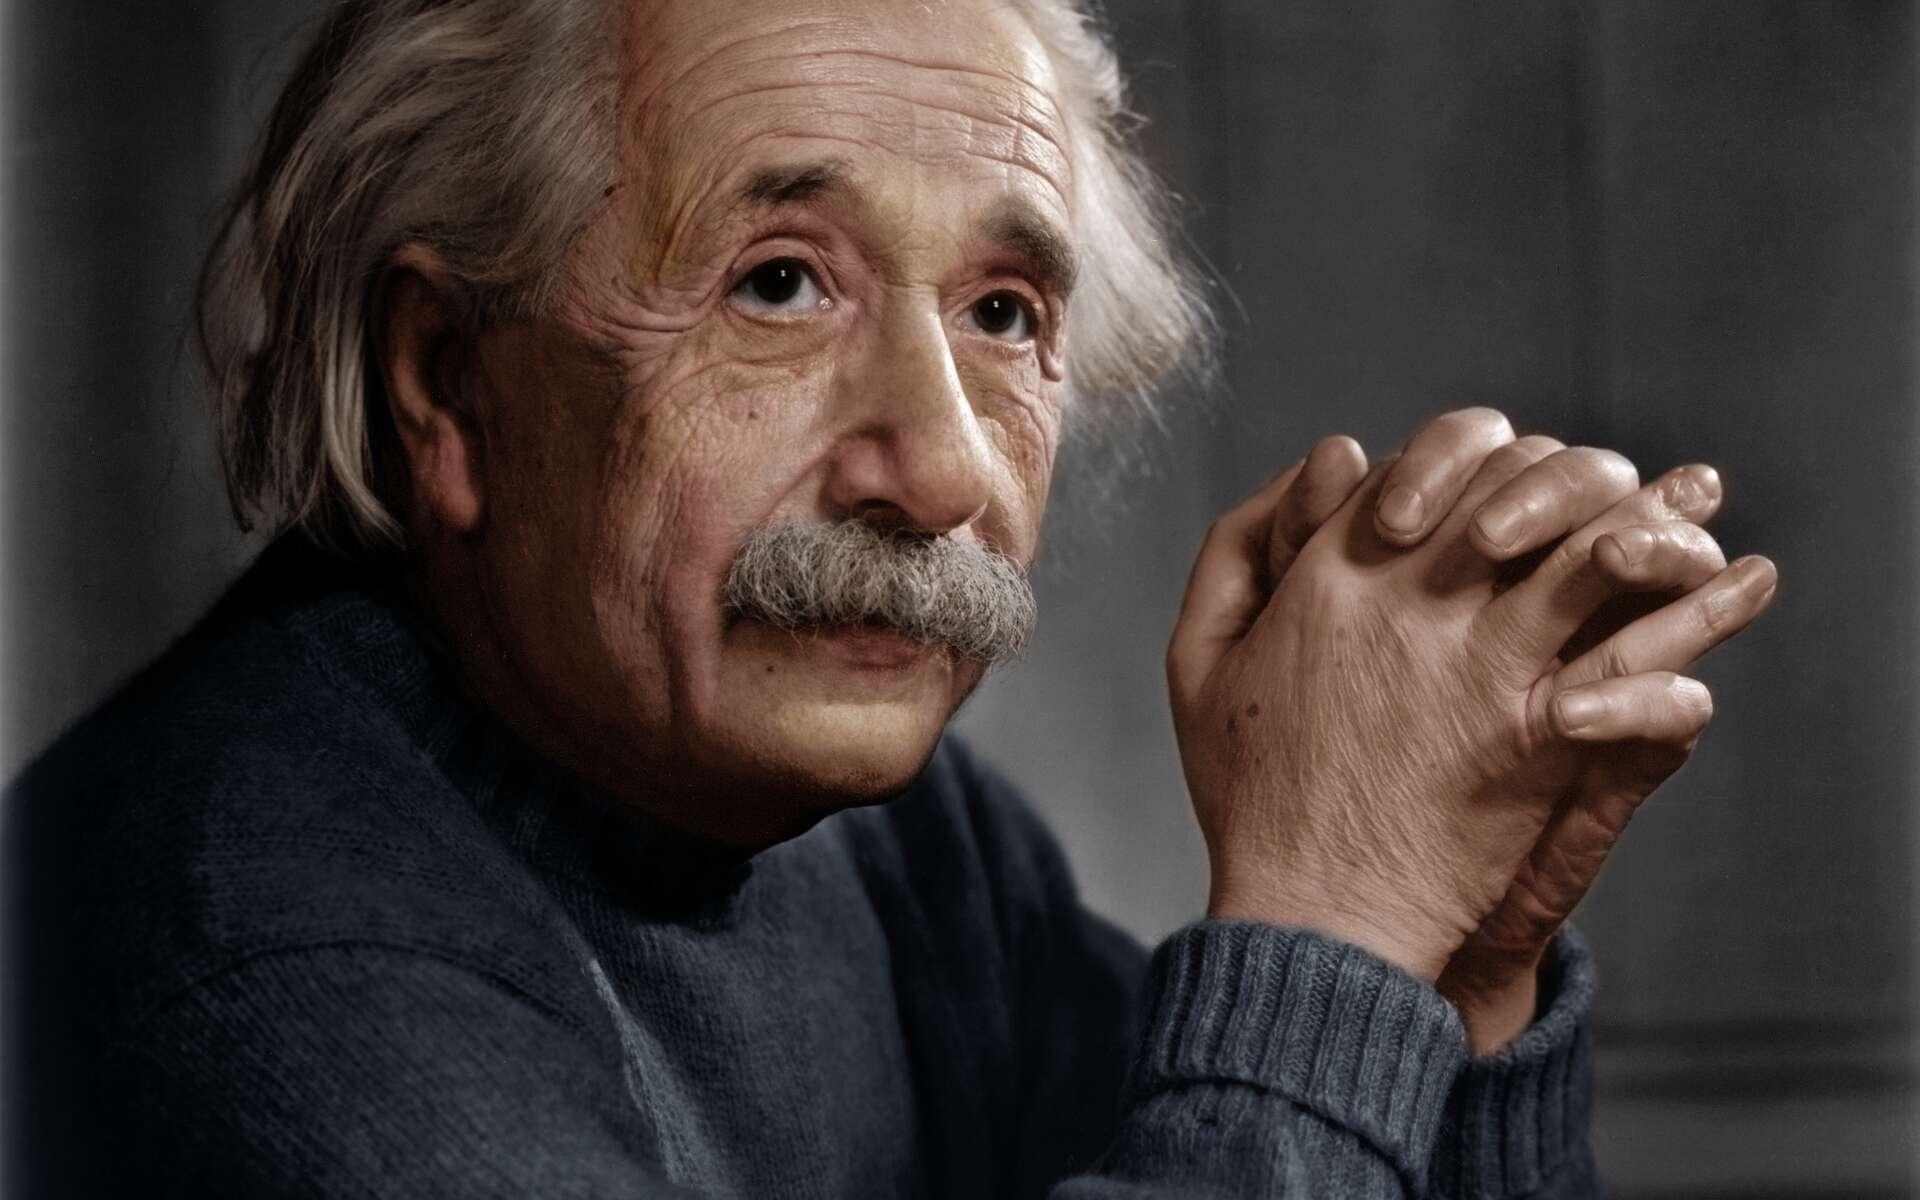 Soixante ans après sa mort et un siècle après sa découverte de la relativité générale, l'héritage d'Einstein est encore bien vivant. © InformiguelCarreño, Wikimeida Commons, CC by-sa 4.0